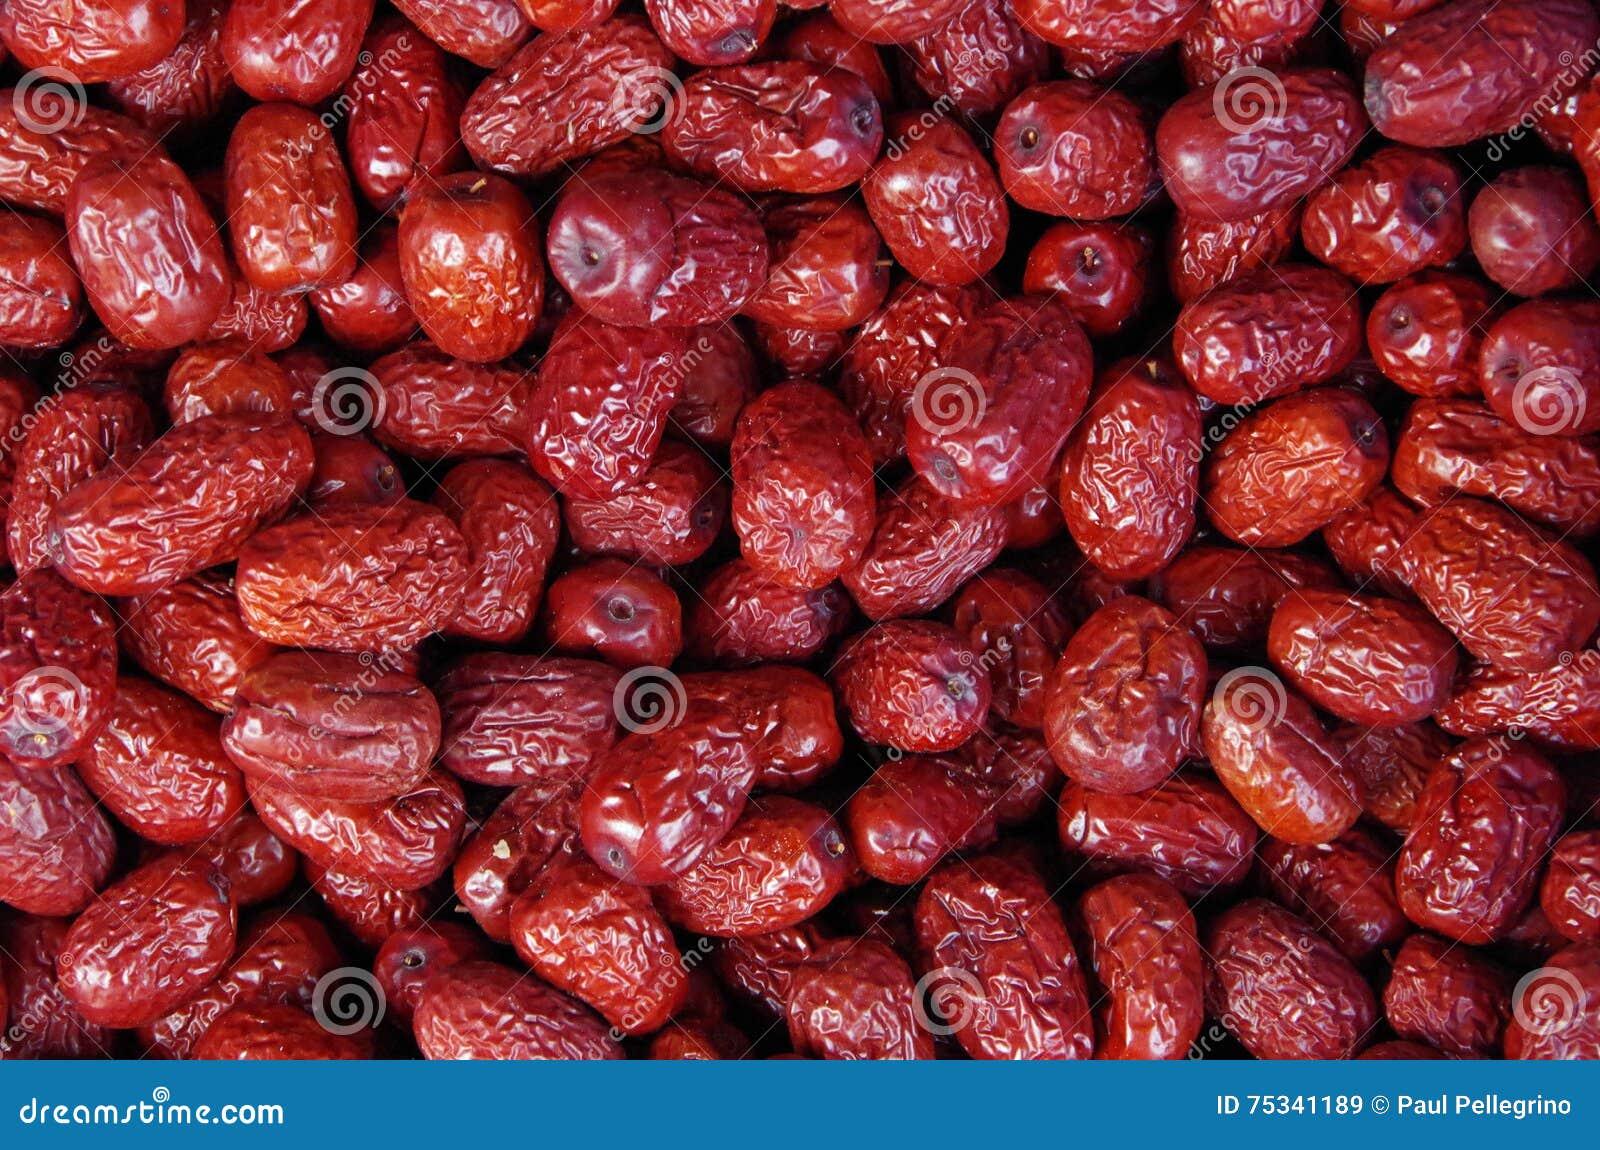 red chinese dates juube stock photo  image, Beautiful flower